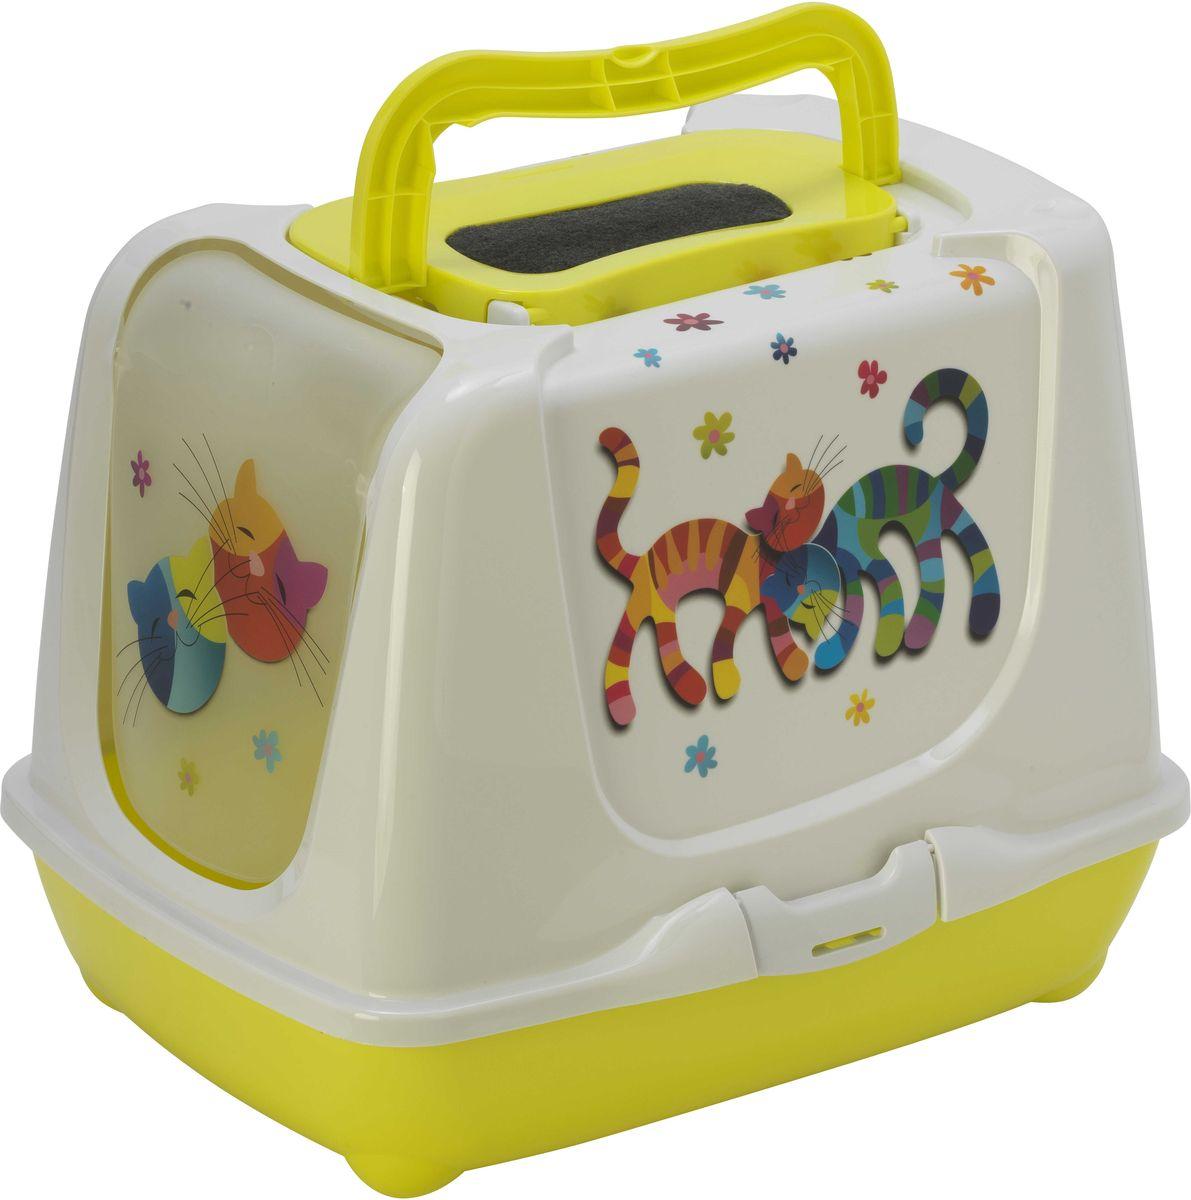 """Туалет для кошек Moderna """"Trendy Cat. Друзья навсегда"""", закрытый, цвет: лимонный, 50 х 39,5 х 37,5 см"""